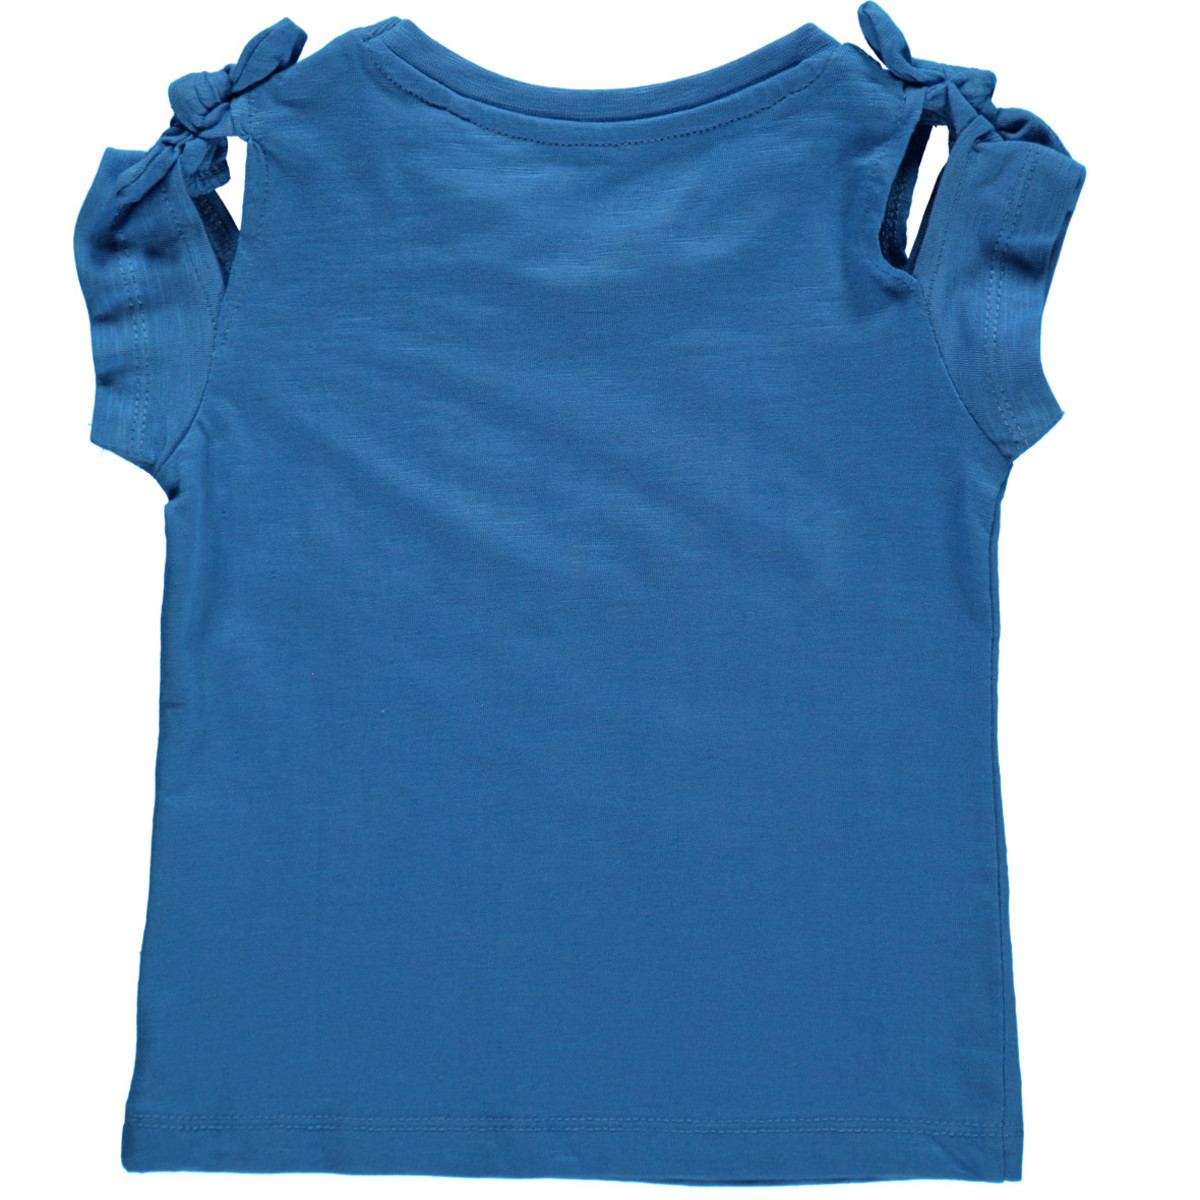 Bild 2 von Mädchen Shirt mit Perlen, Pailletten und Nieten